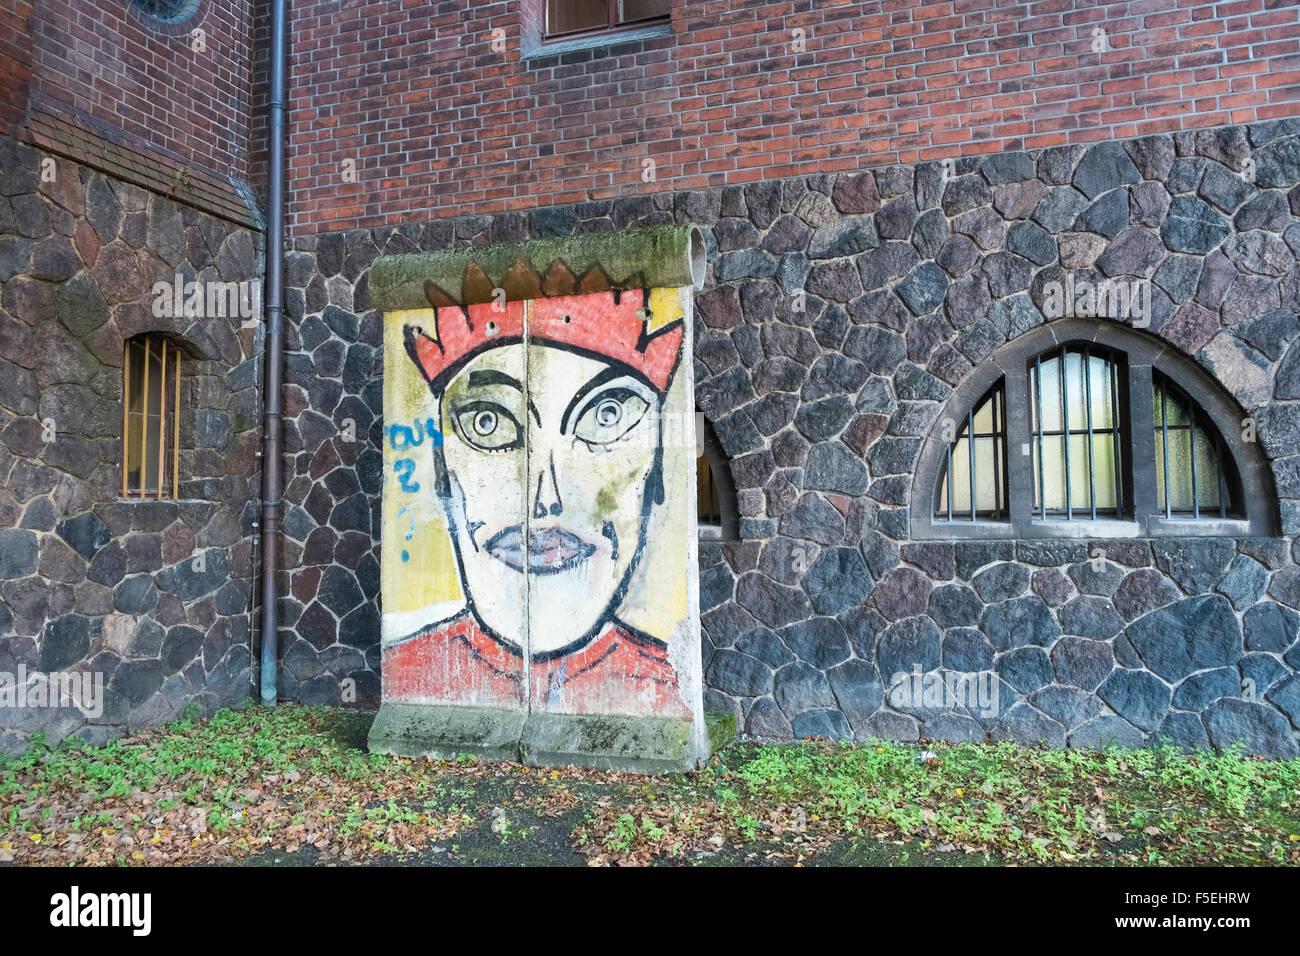 La Section de l'original mur de Berlin sur l'affichage à l'extérieur du Musée Märkisches (marcher), Mitte, Berlin, Banque D'Images